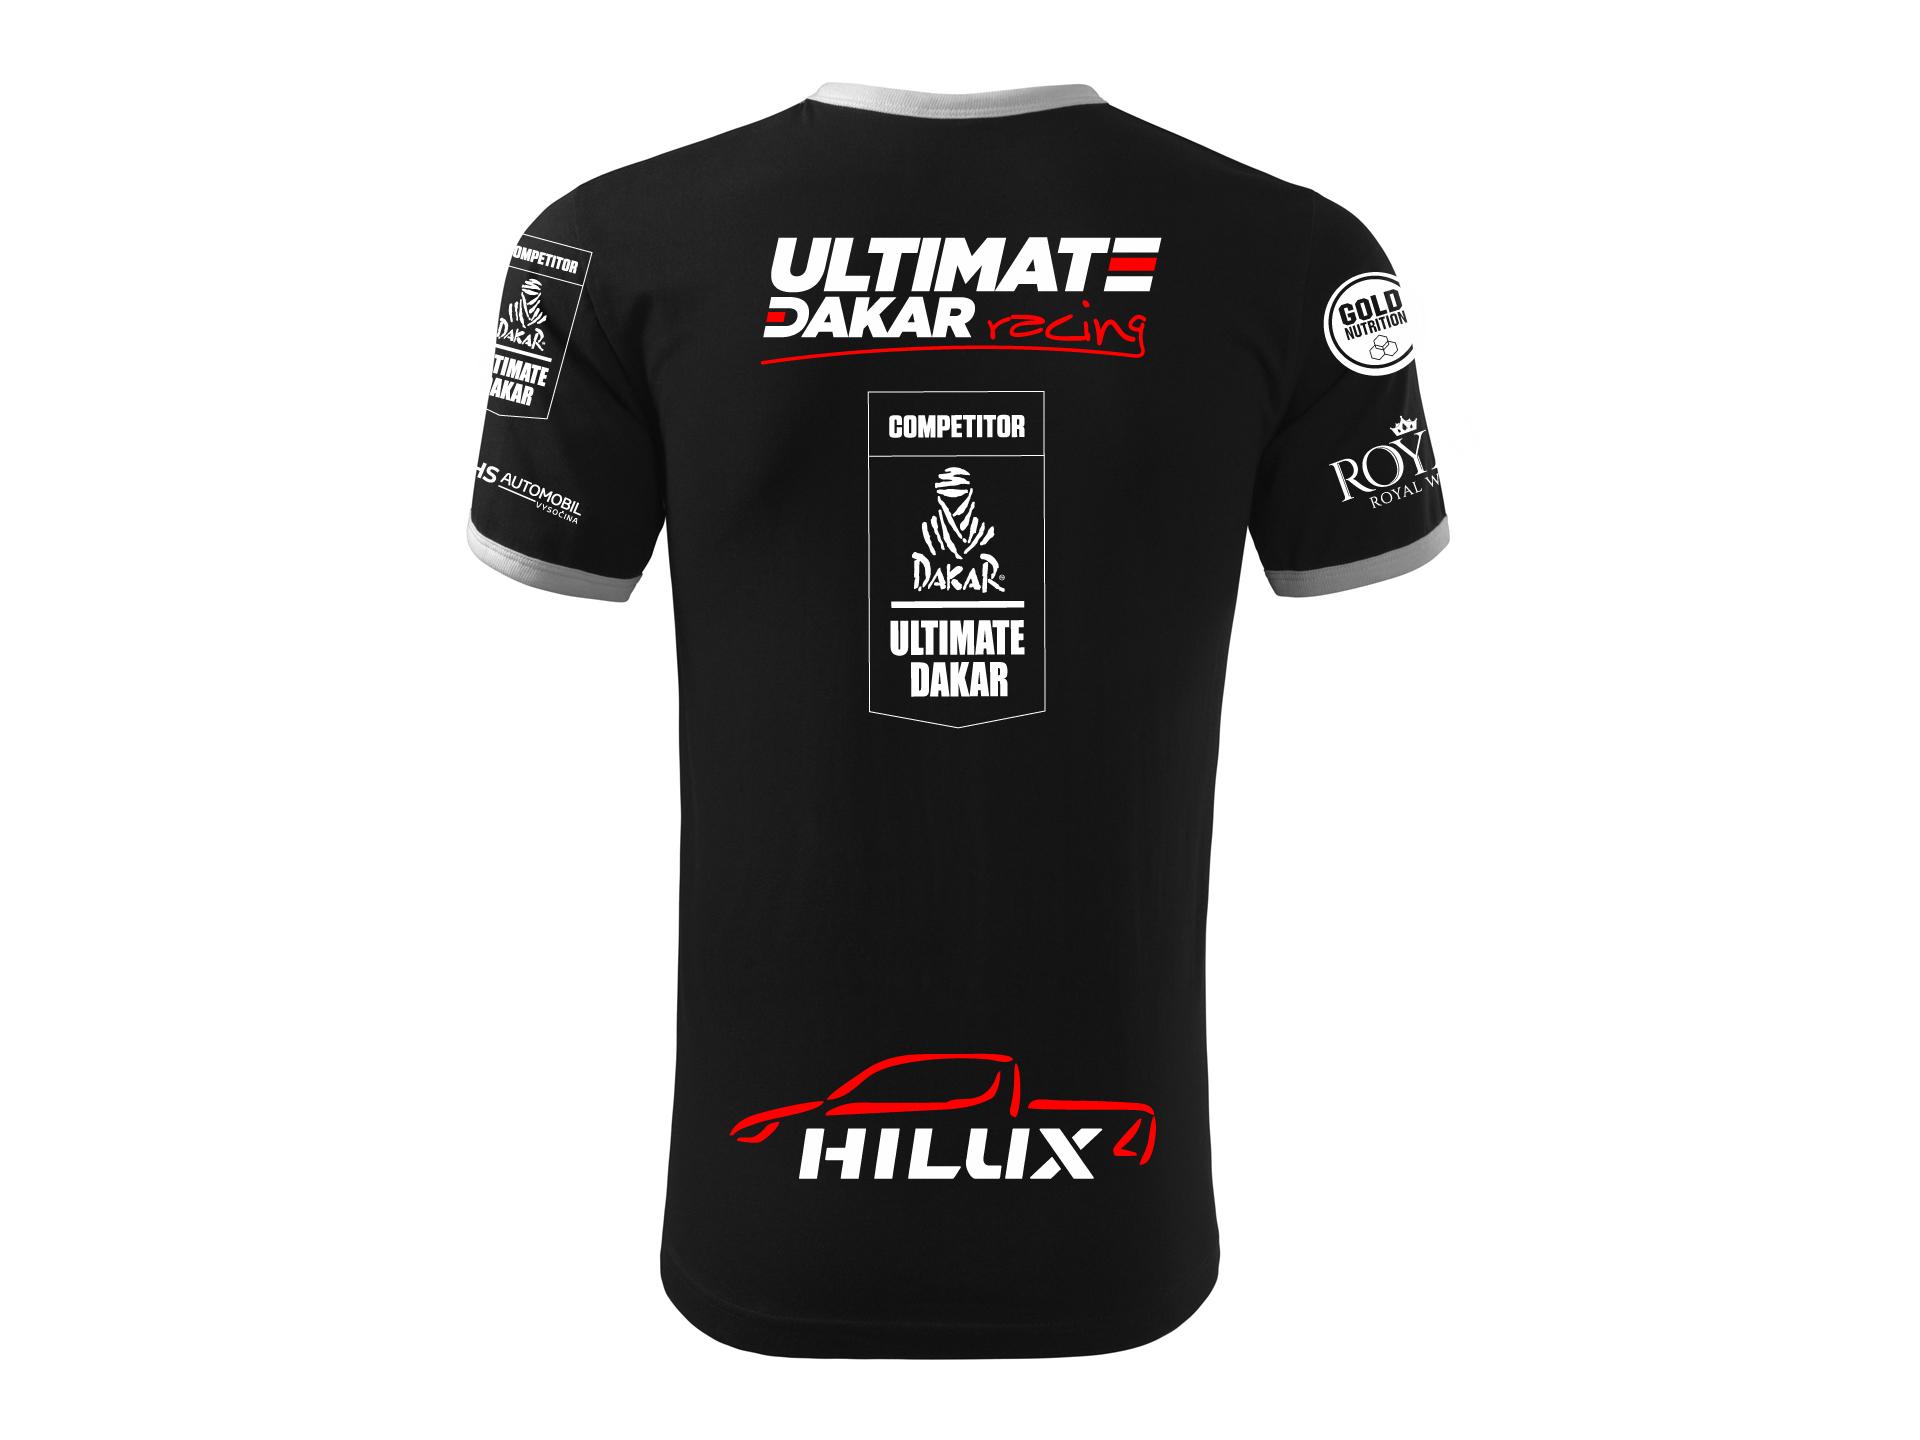 Obrázek galerie Tričko Ultimate Dakar Racing - Kolekce 2021 - Dětské - 4YO